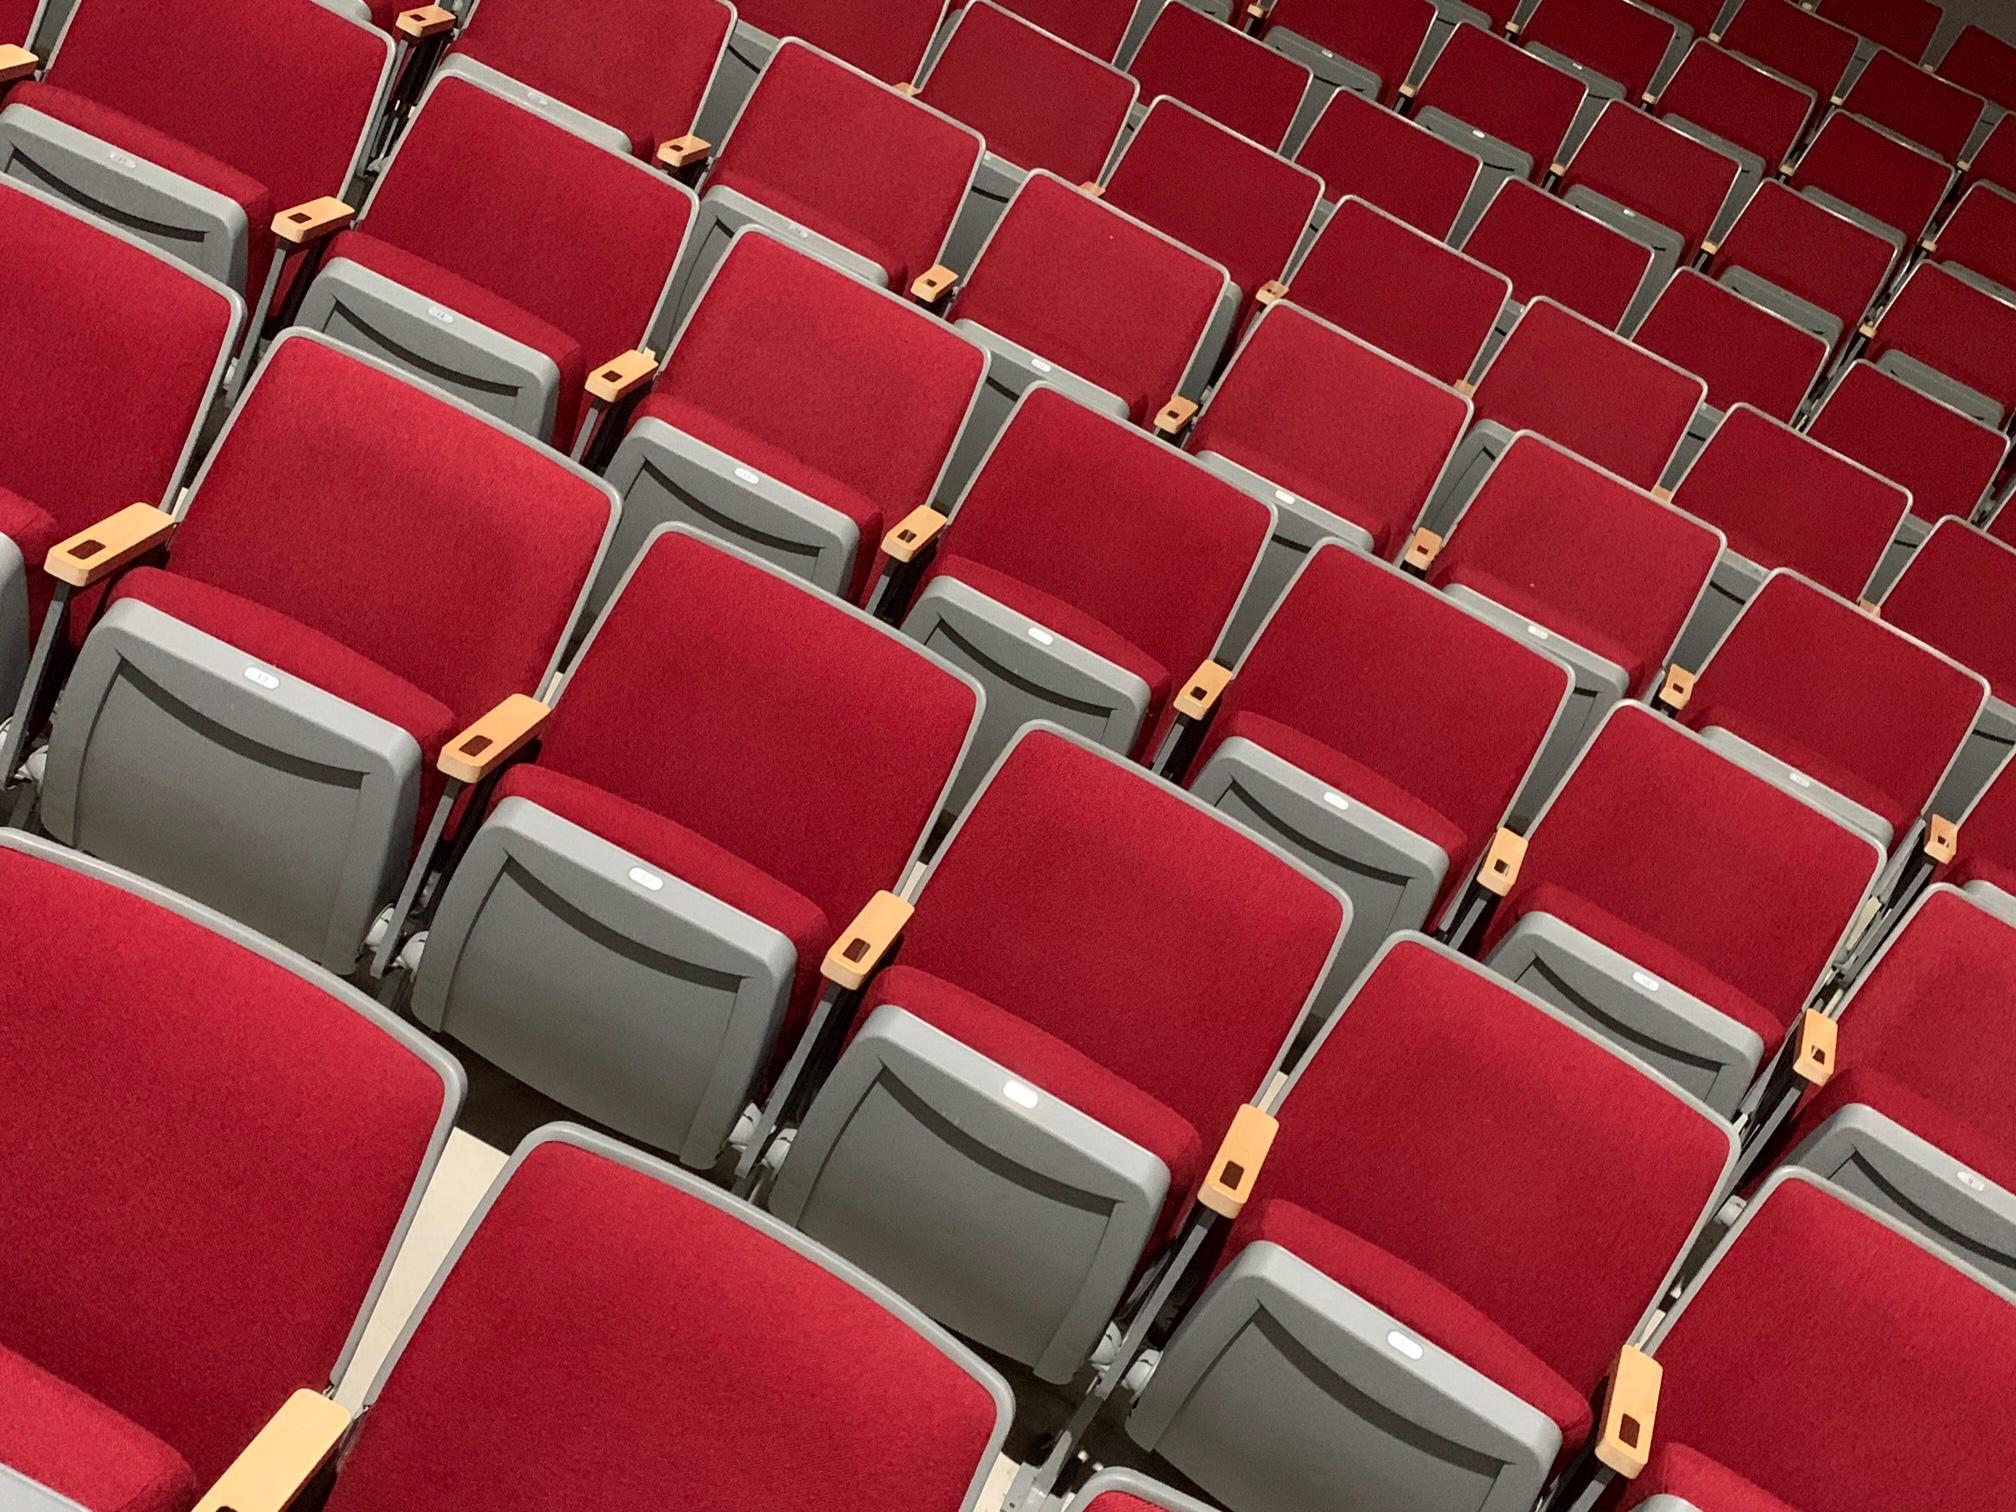 TPAC empty seats copy